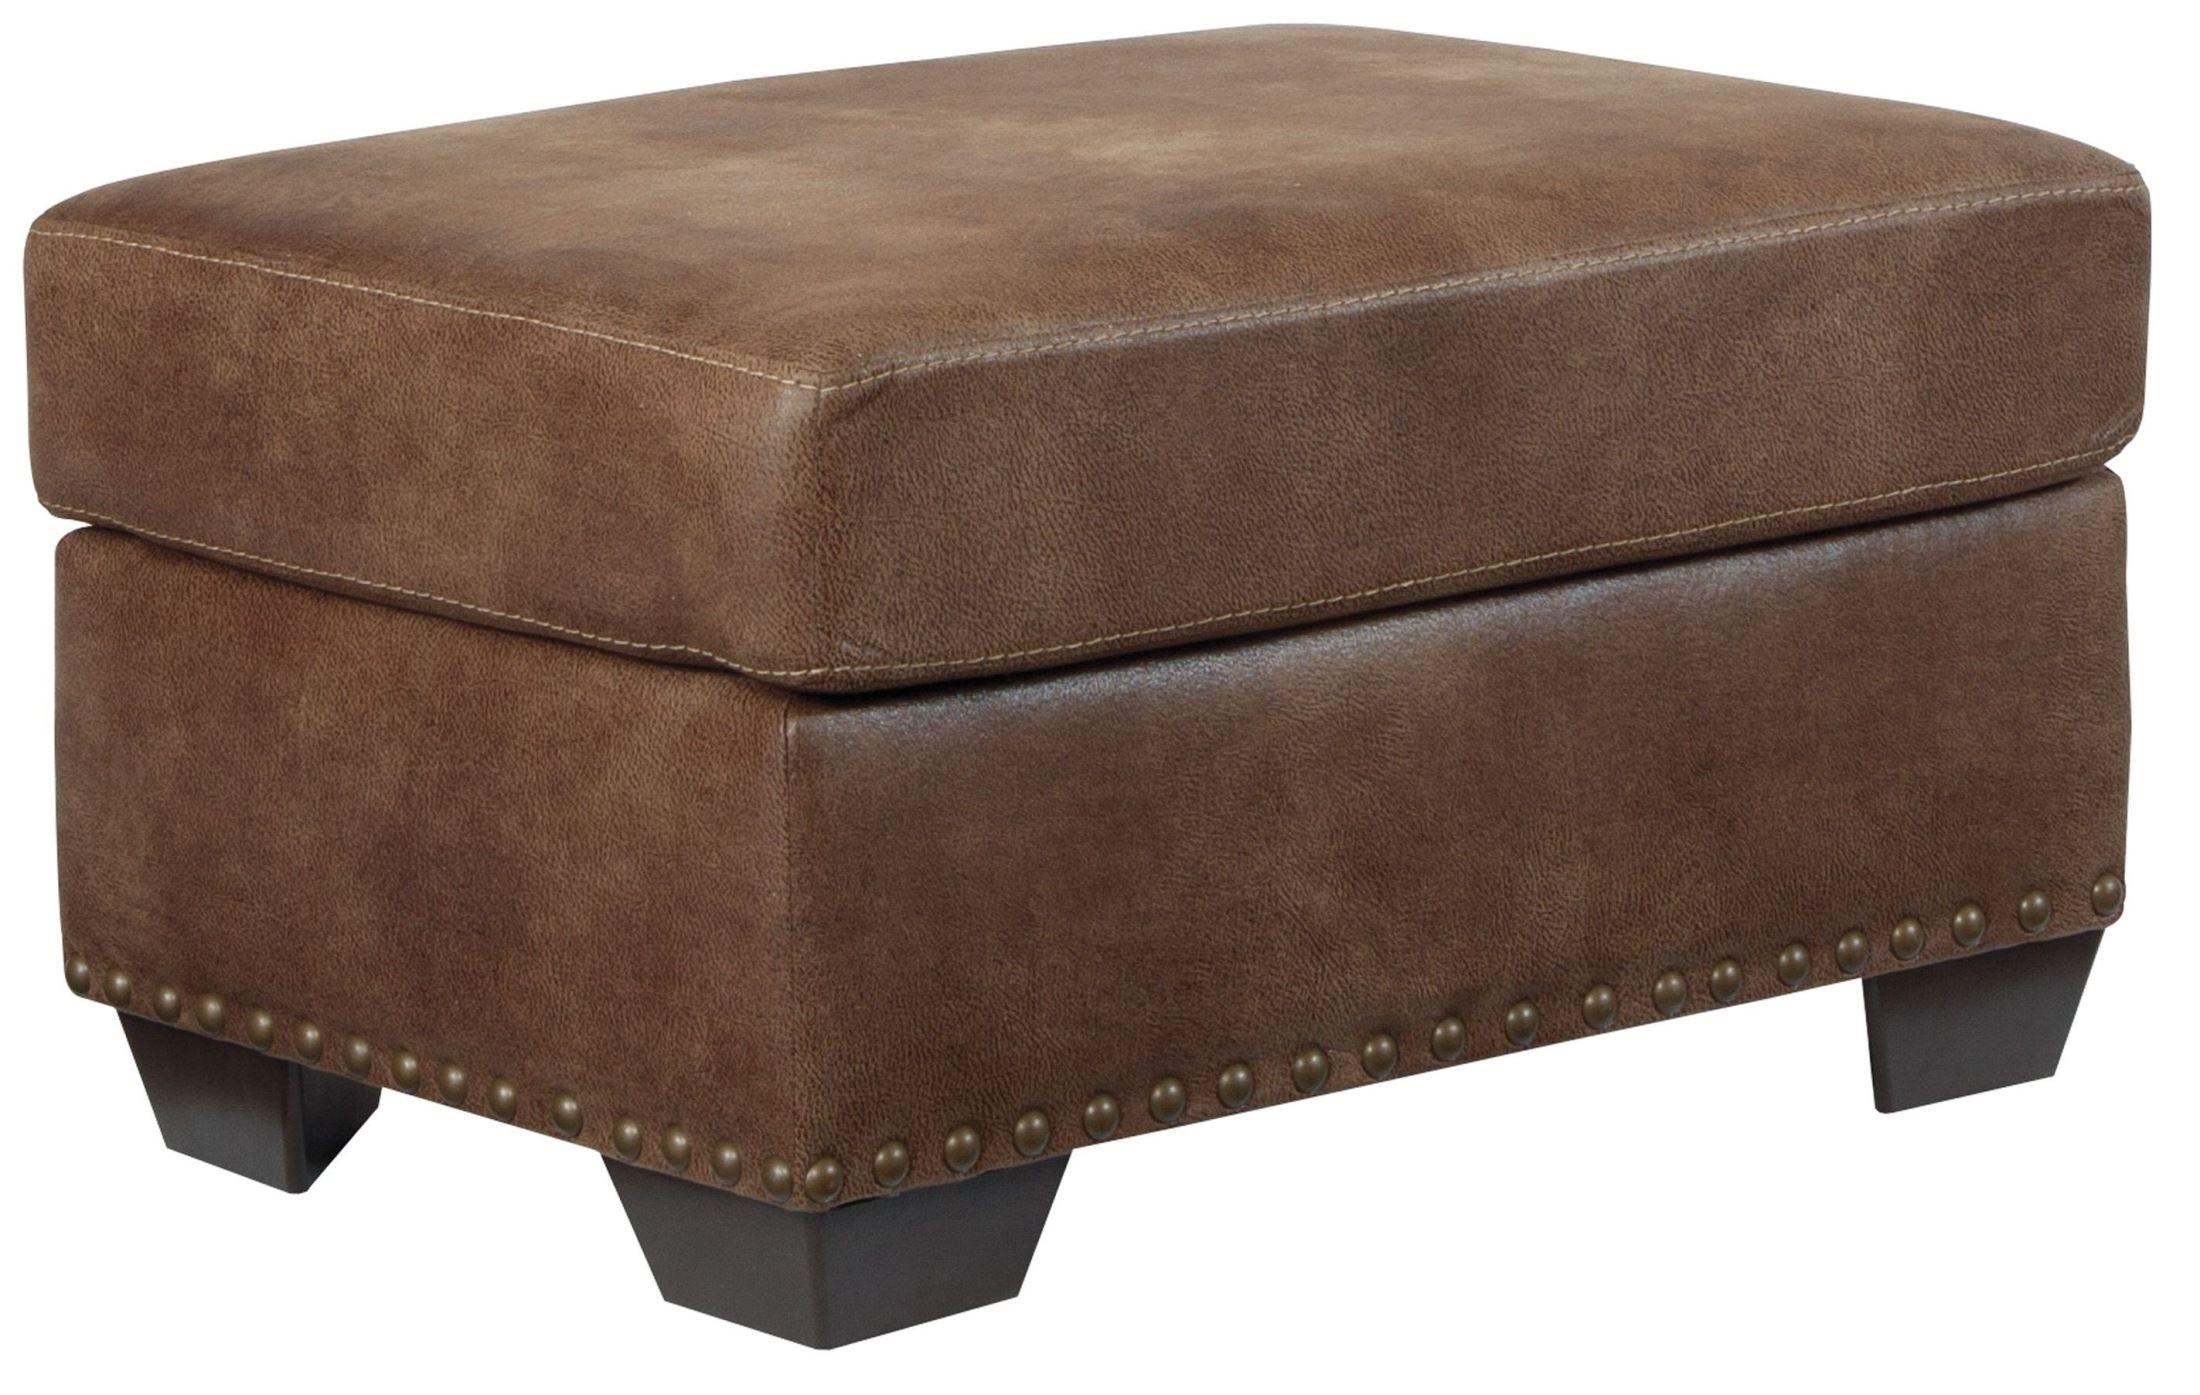 Burnsville Espresso Ottoman From Ashley 9720614 Coleman Furniture